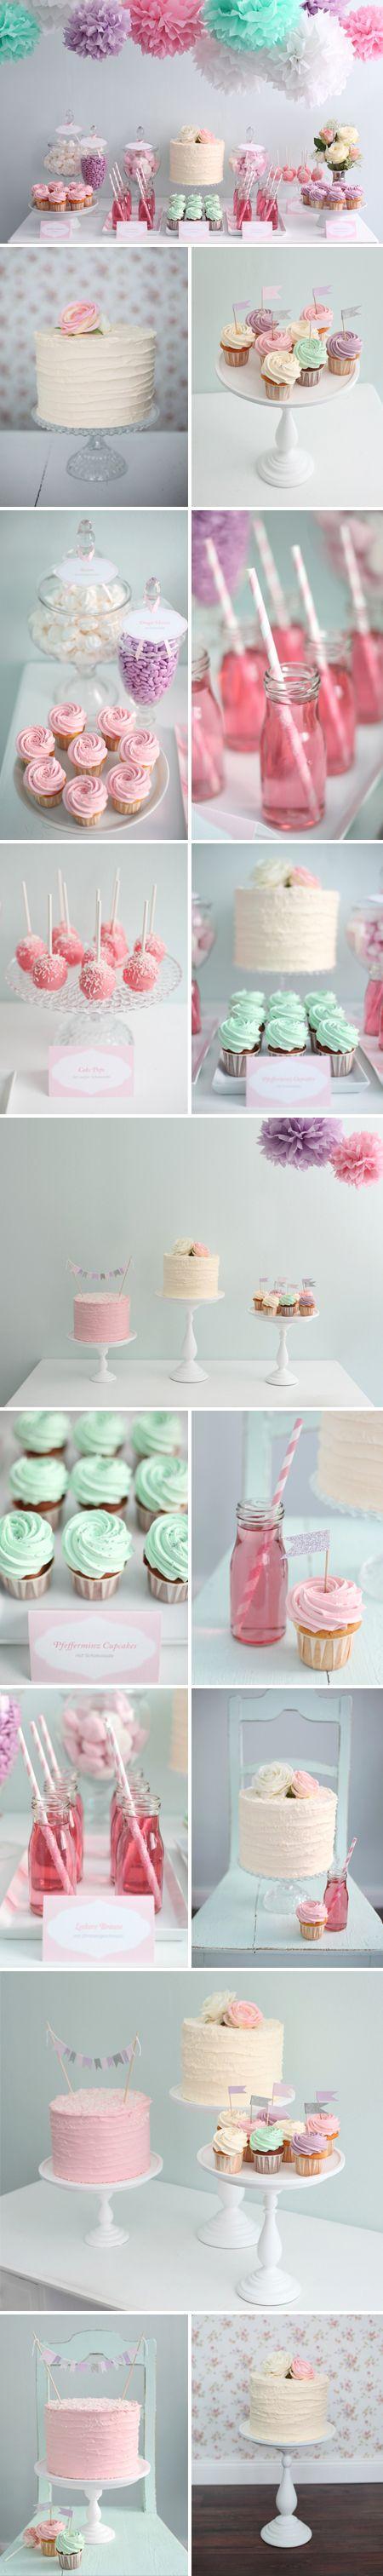 Idéias para o primeiro aniversário ou Chá de Bebê: